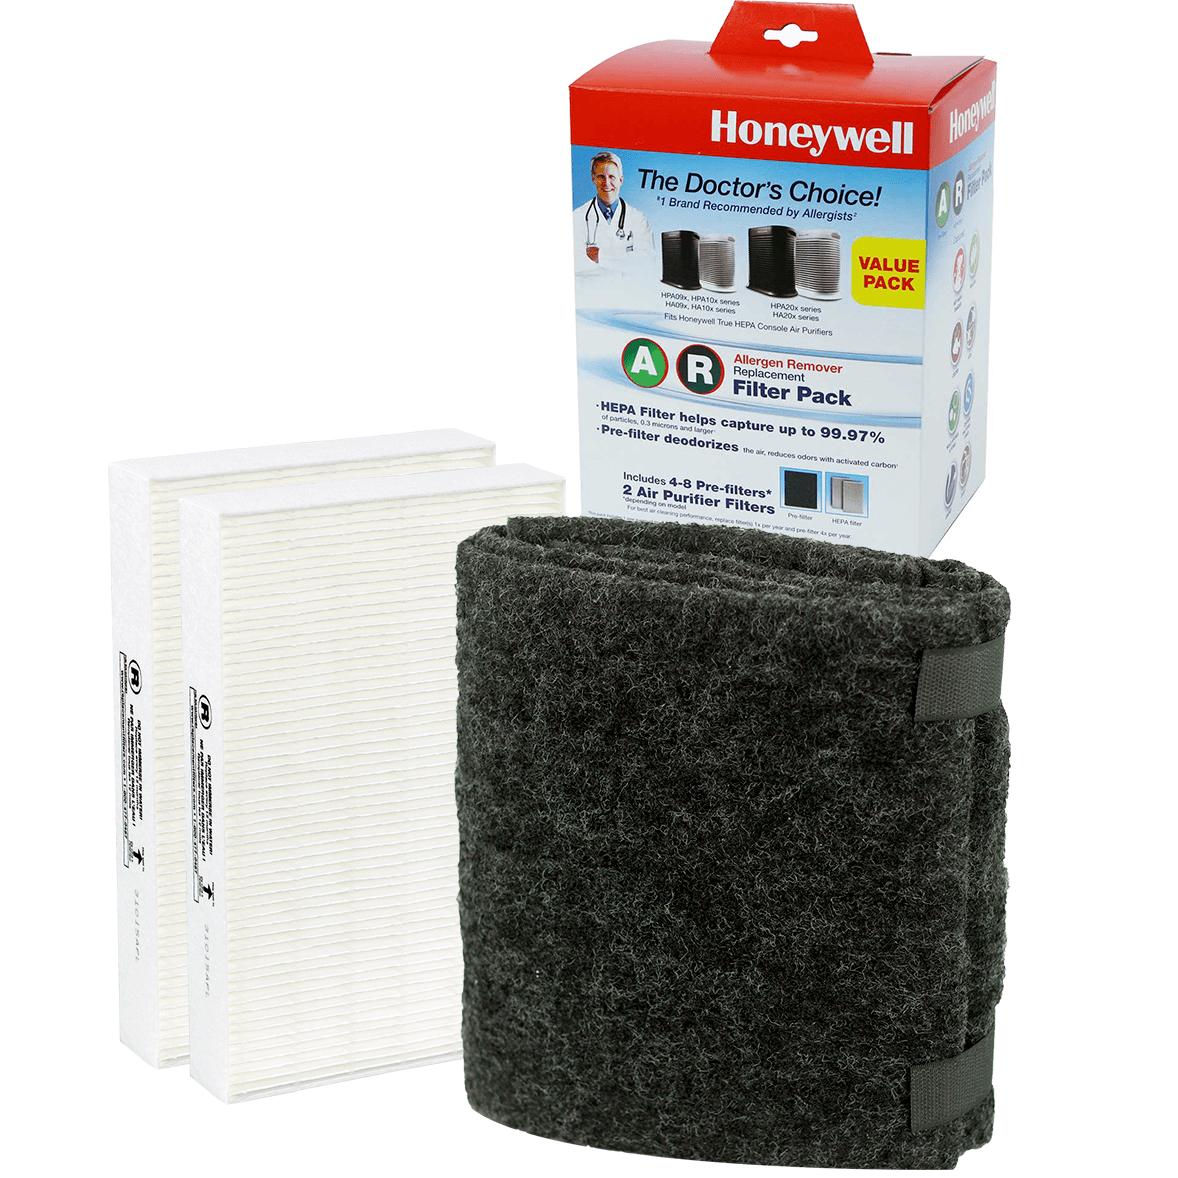 Honeywell True HEPA Filter Value Combo Pack (HRF-ARVP) ho4111